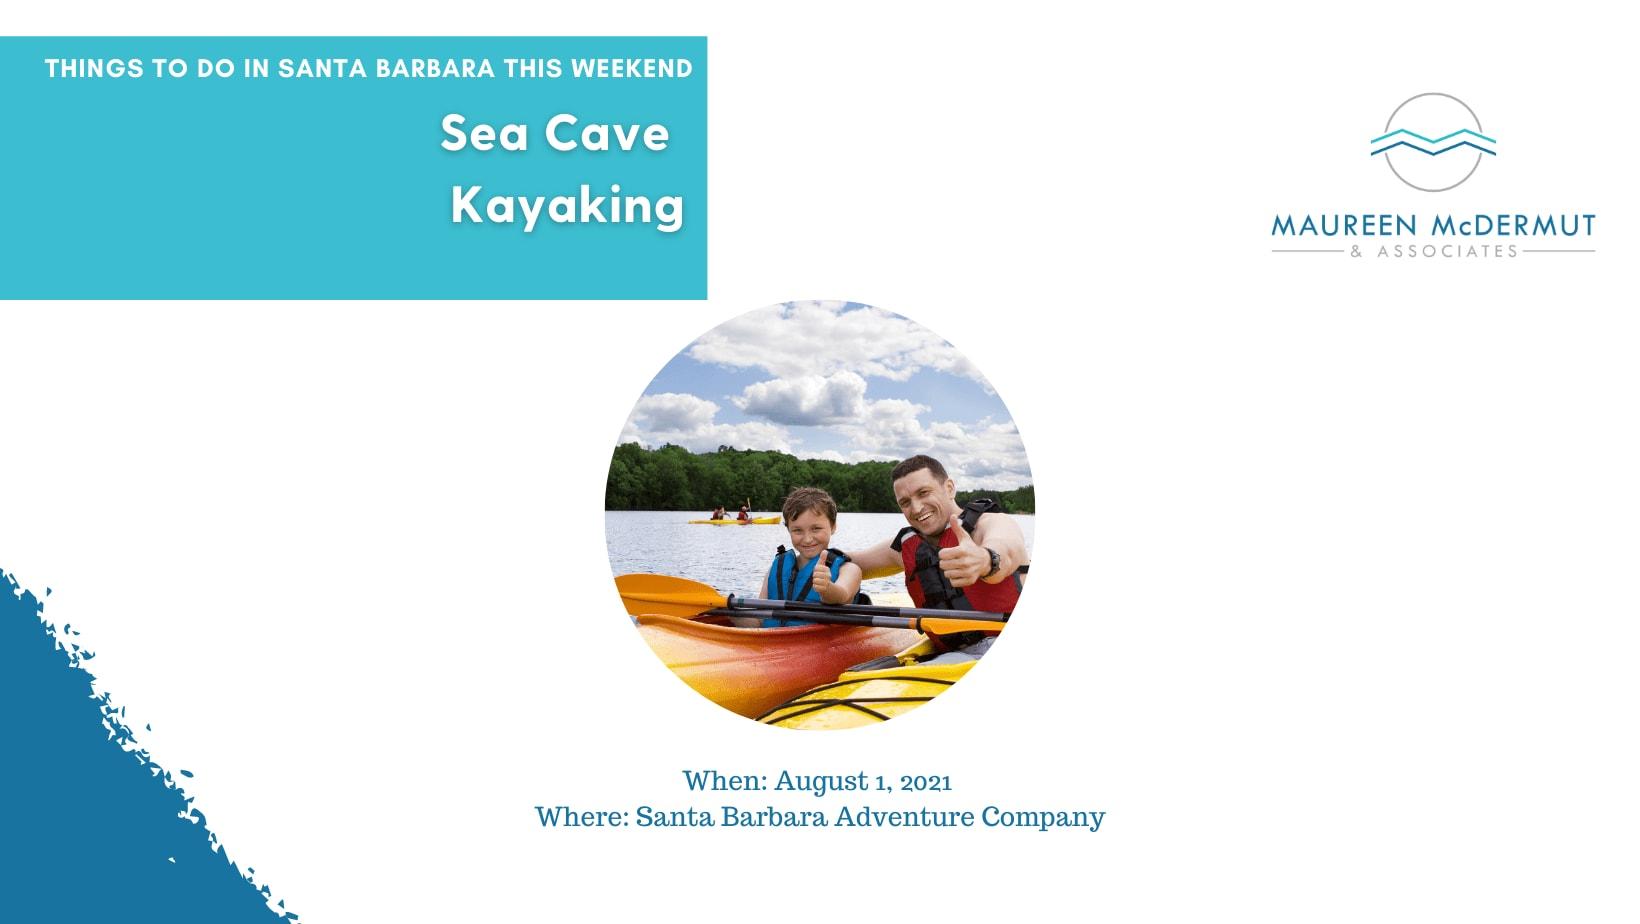 Sea Cave Kayaking image